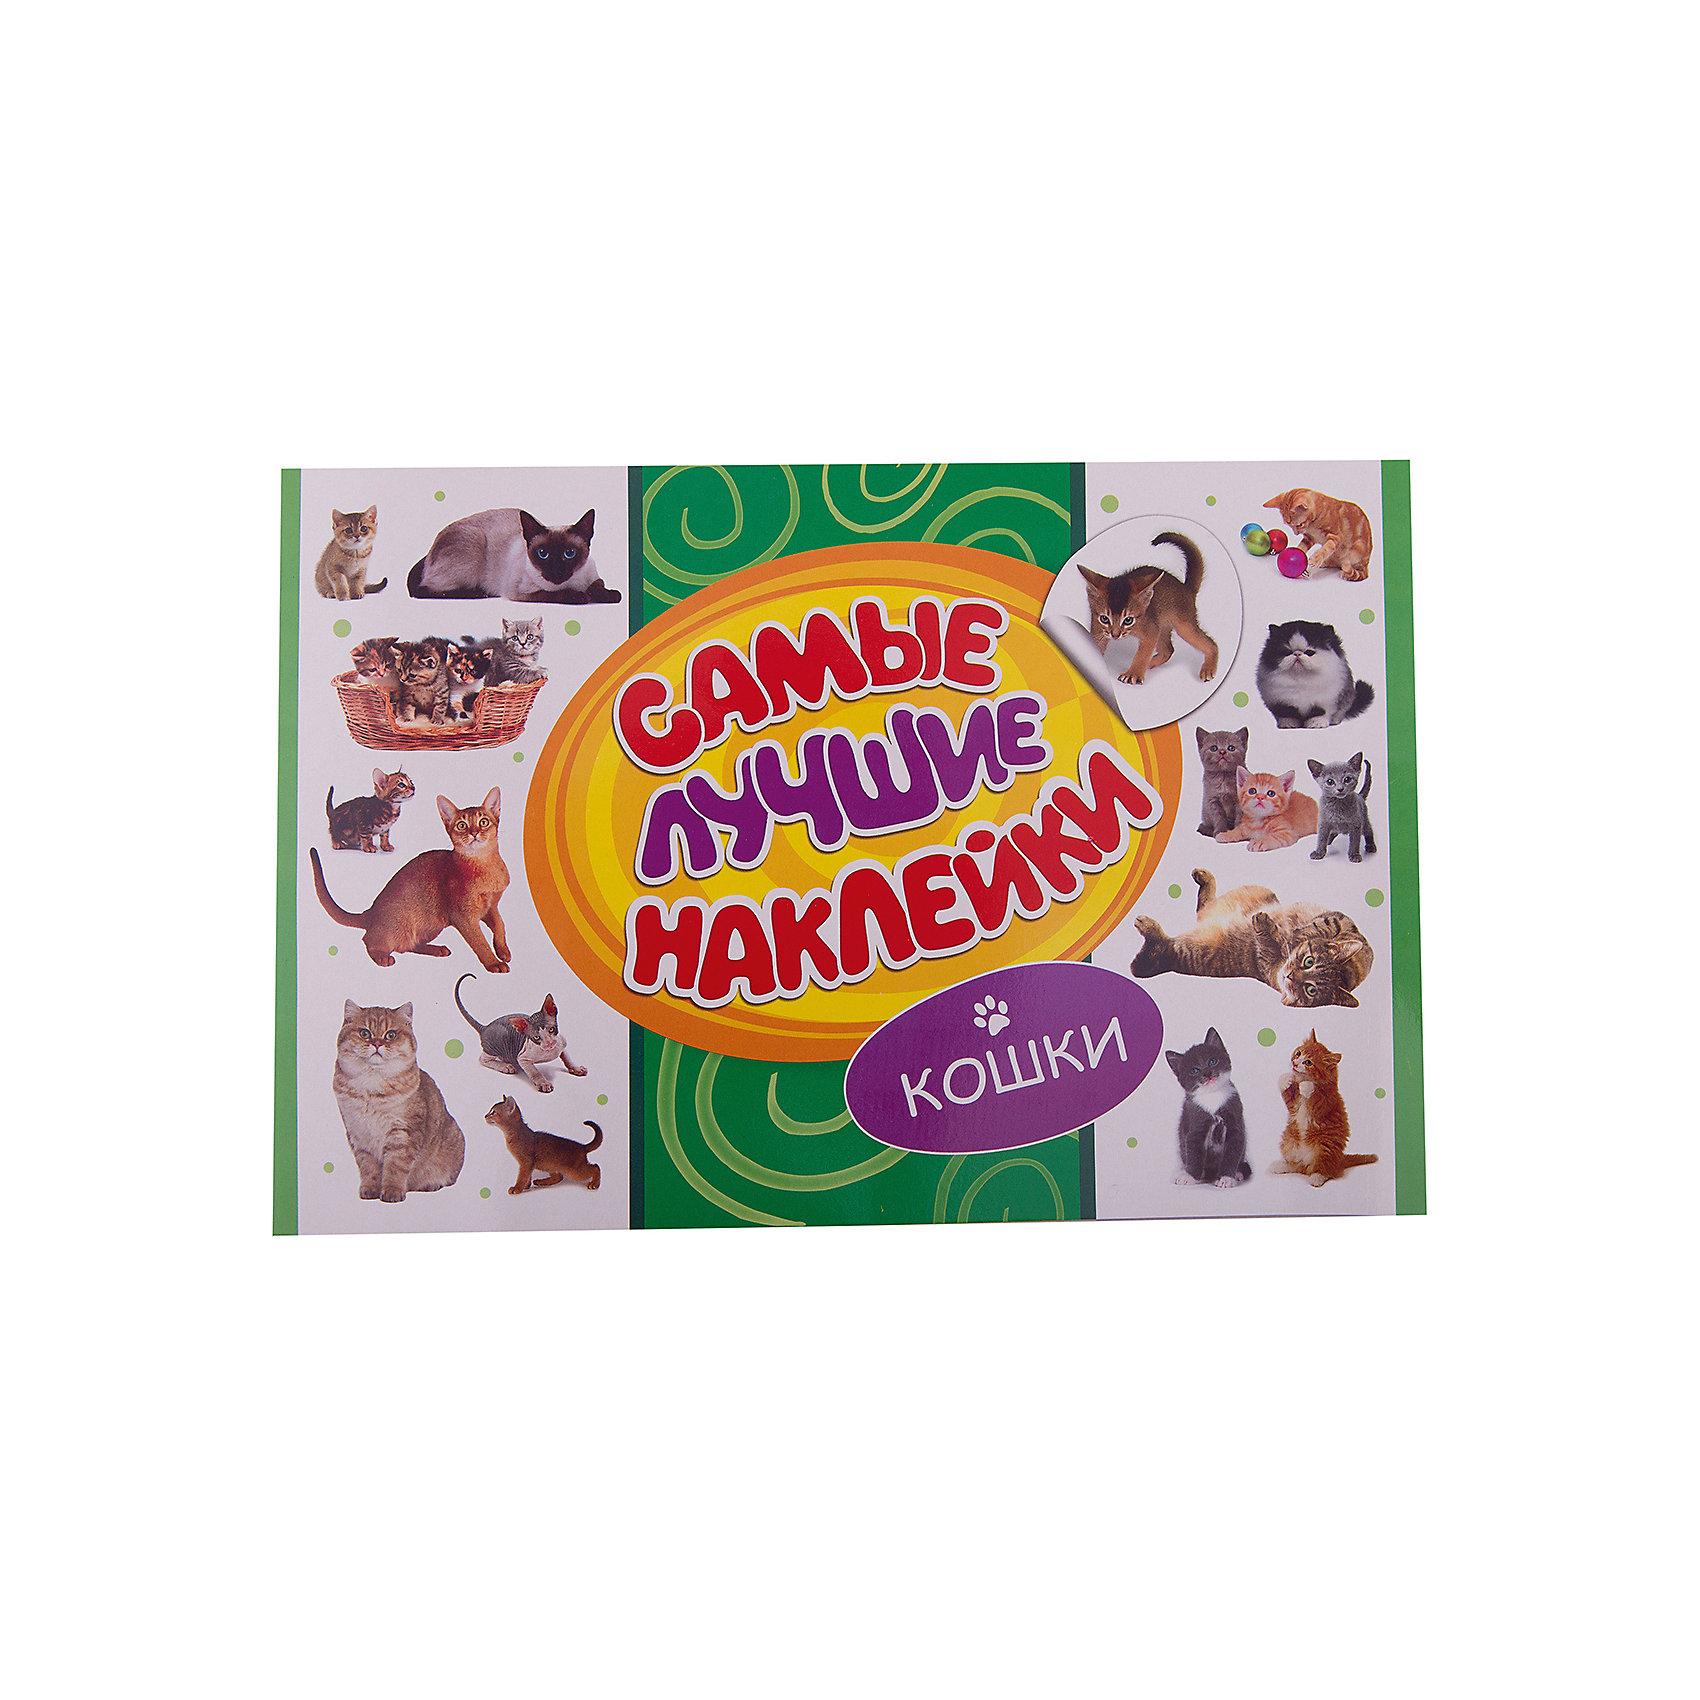 Самые лучшие наклейки, Кошки (336 наклеек)Альбом Самые лучшие наклейки, Кошки непременно порадует всех любителей очаровательных домашних питомцев. В альбоме содержится большое количество тематических наклеек с красочными изображениями кошек разных пород в самых разных ситуациях. Они прекрасно<br>подойдут для украшения рисунков, открыток, различных предметов и игрушек.<br><br><br>Дополнительная информация:<br><br>- Серия: Стикерляндия<br>- Обложка: мягкая.<br>- Иллюстрации: цветные.<br>- Объем: 16 стр.<br>- Размер: 30 х 0,2 х 20 см.<br>- Вес: 101 гр.<br><br>Самые лучшие наклейки, Кошки, Росмэн, можно купить в нашем интернет-магазине.<br><br>Ширина мм: 300<br>Глубина мм: 200<br>Высота мм: 45<br>Вес г: 101<br>Возраст от месяцев: 60<br>Возраст до месяцев: 144<br>Пол: Унисекс<br>Возраст: Детский<br>SKU: 4720614